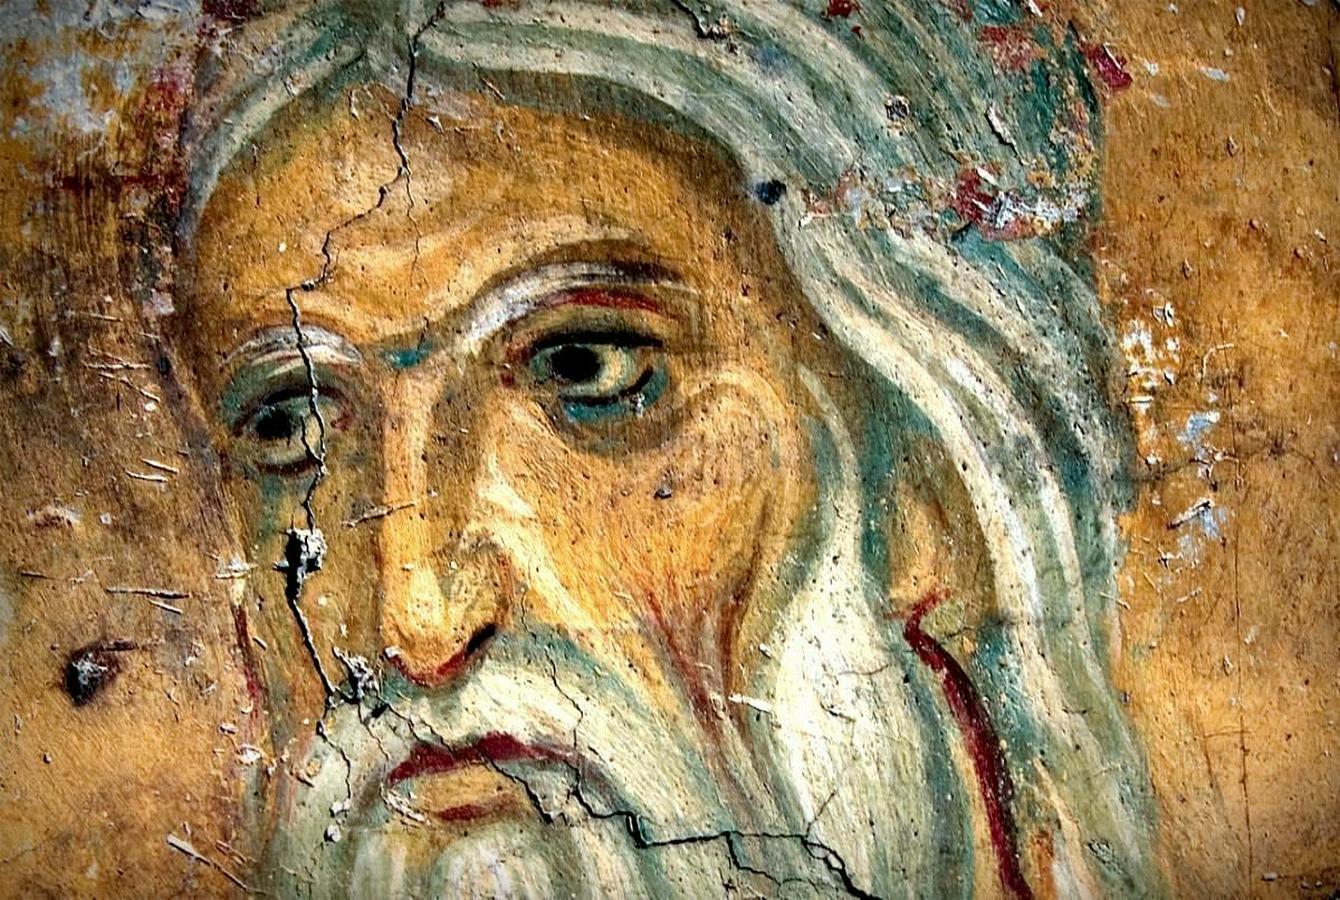 Распятие Господне. Фреска церкви Богородицы в монастыре Студеница, Сербия. 1208 - 1209 годы. Фрагмент. Святой Пророк Исаия, предсказывавший о страданиях Спасителя.